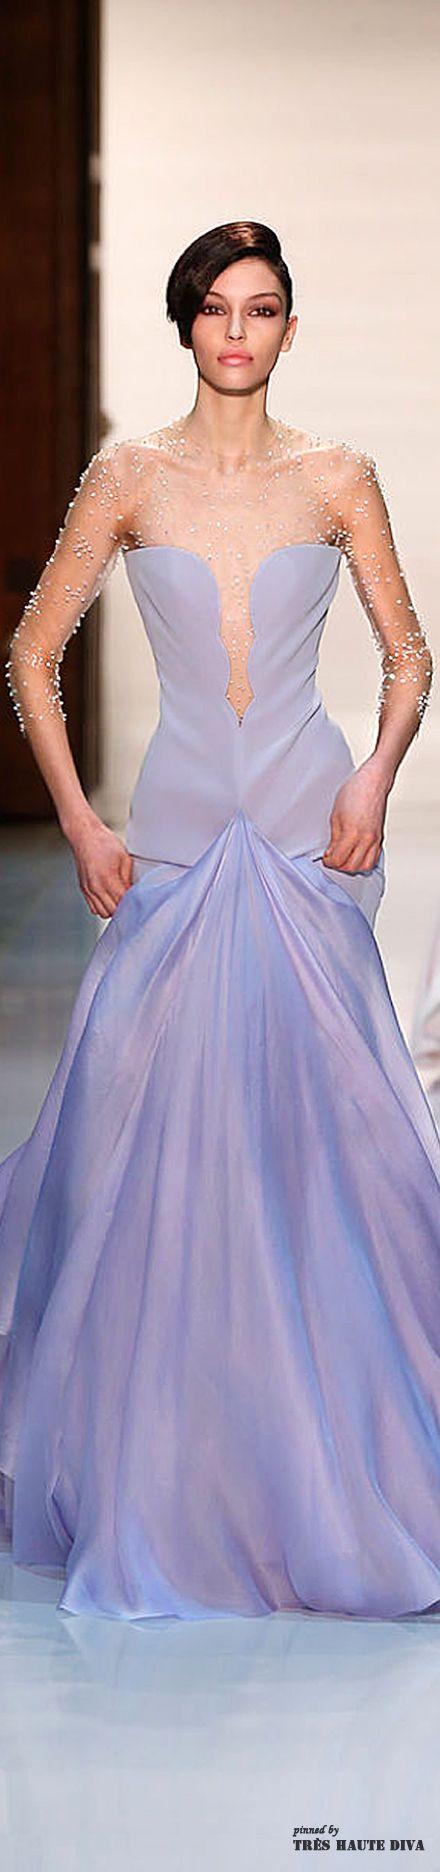 Perfecto Vestidos De Dama Gris Del Estaño Festooning - Ideas de ...